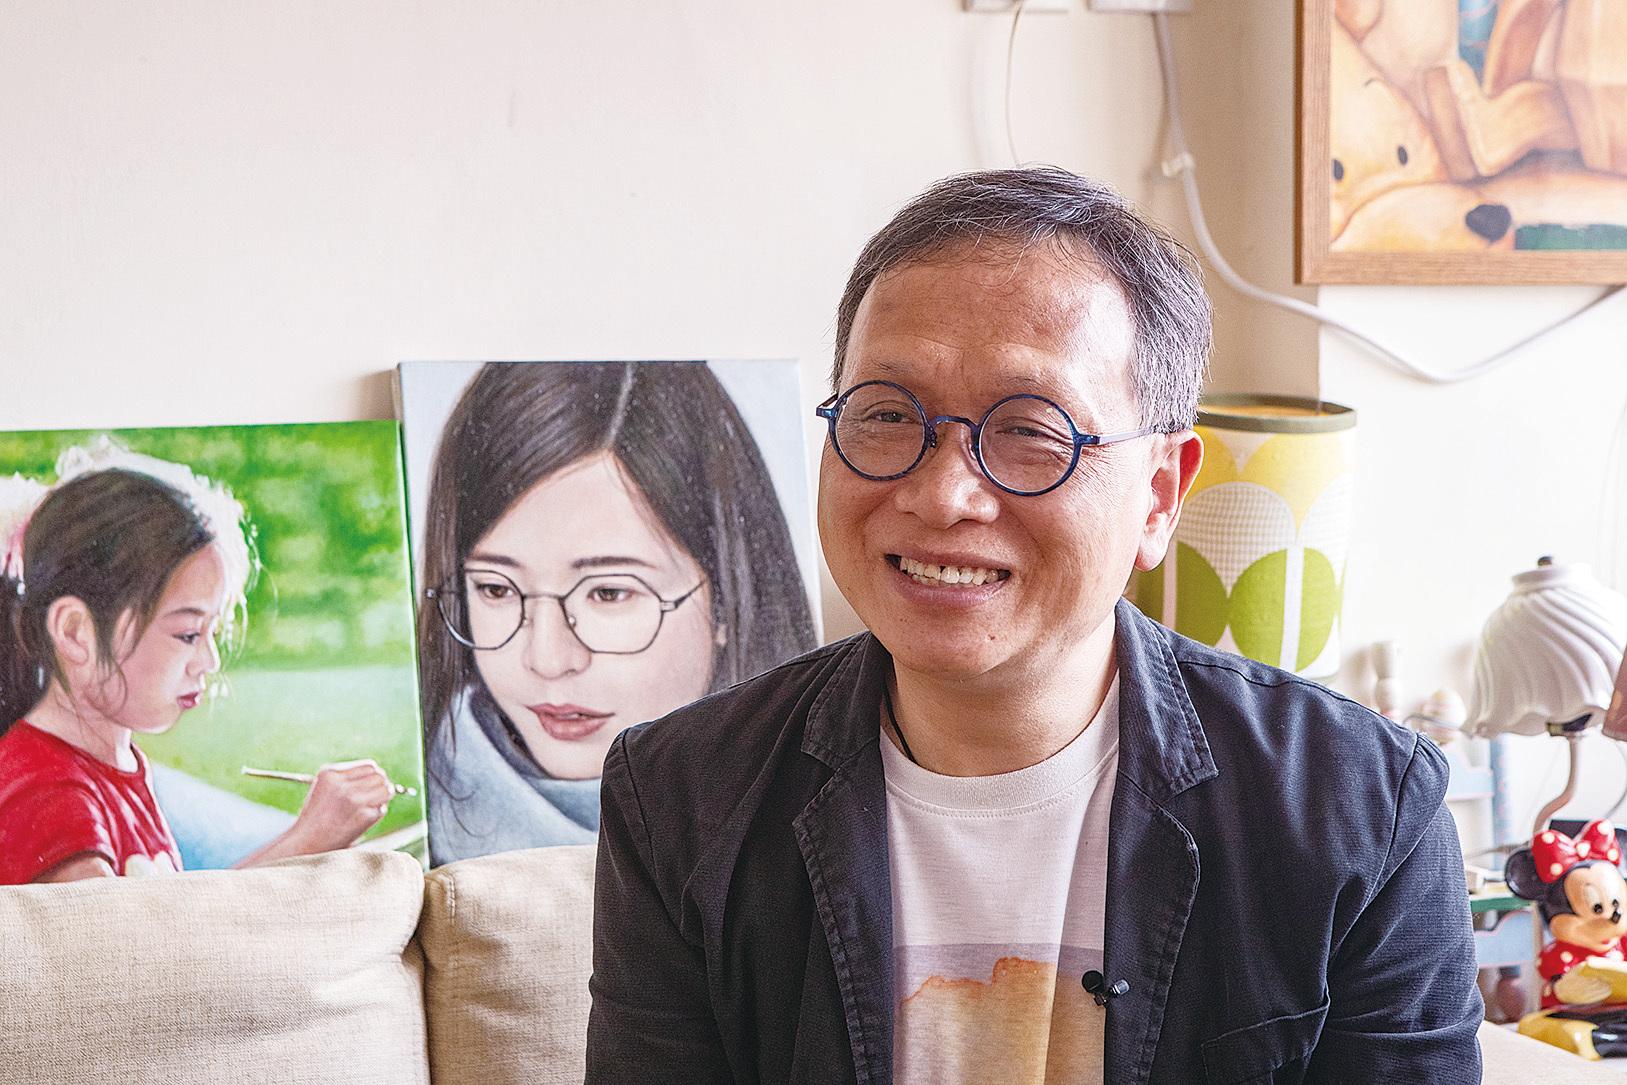 寫實派畫家劉遠章讚揚新唐人油畫大賽水平很高,參賽藝術家非常出色。(余鋼/大紀元)